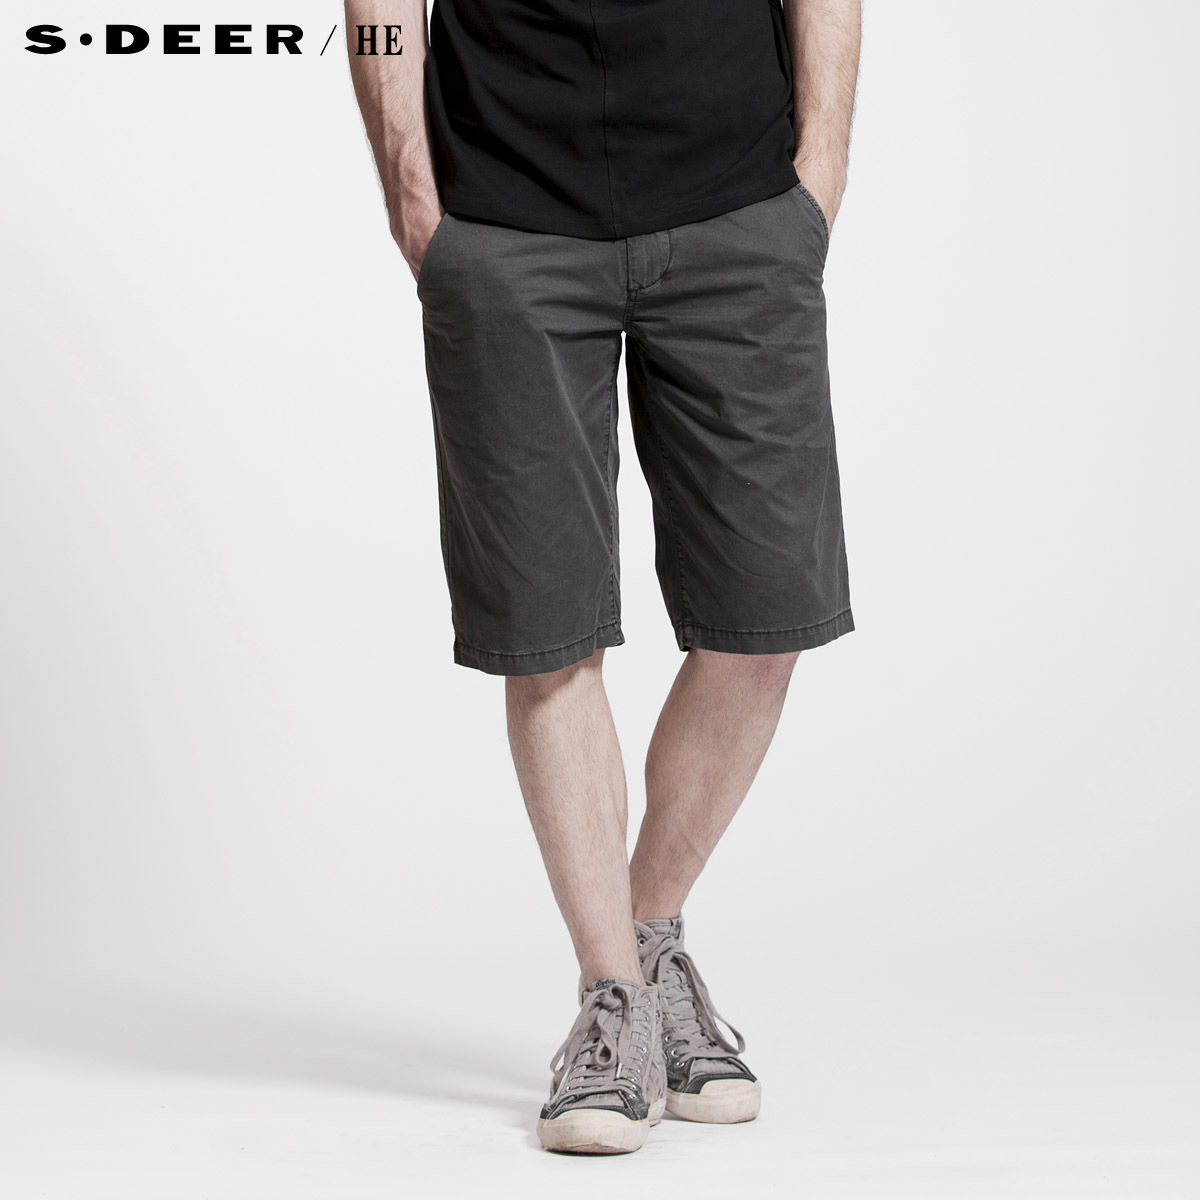 Повседневные брюки S.deer 2270728 Sdeerhe Прямой Хлопок без добавок